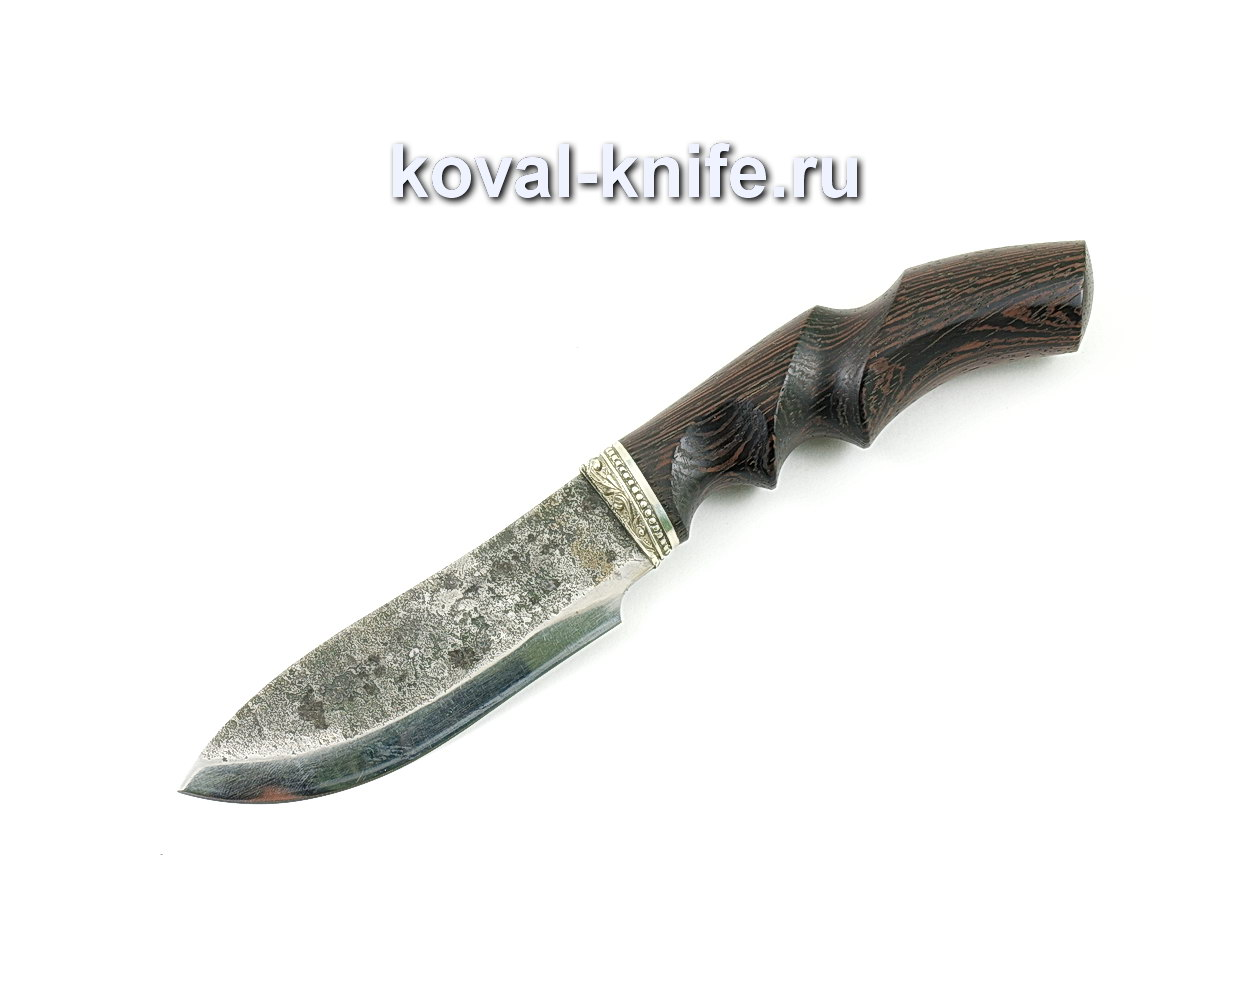 Нож Кабан из стали 9хс (анатомическая рукоять венге)